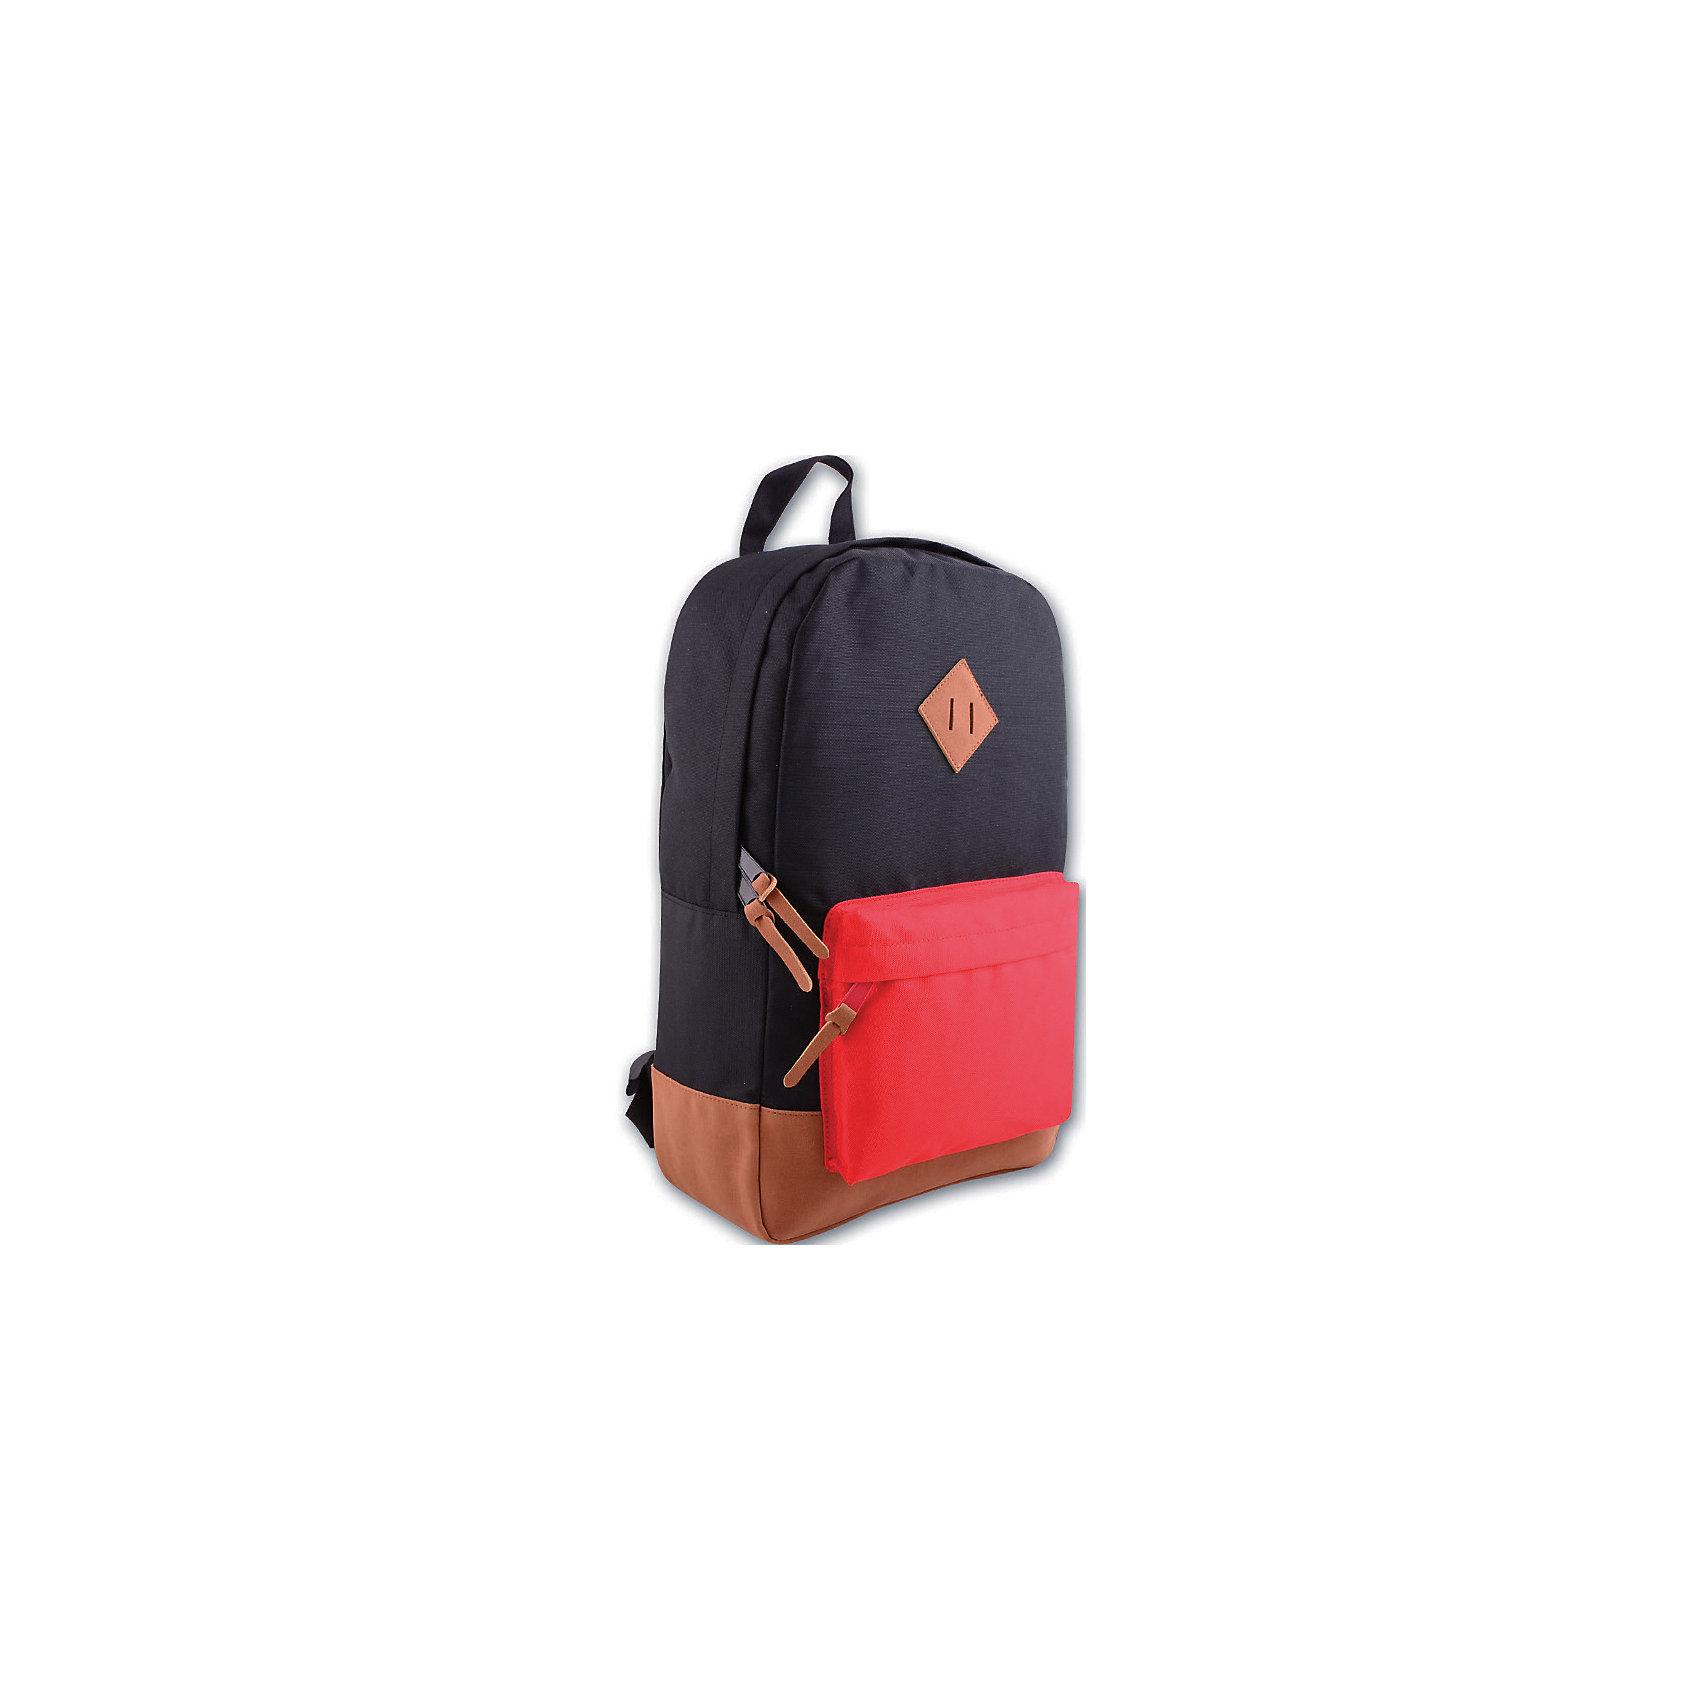 Рюкзак молодежный, черный с краснымСтильный, удобный, а главное вместительный рюкзак для Вашего ребенка. У рюкзака одно большое отделение на молнии и один дополнительный накладной карман спереди, лямки регулируются.<br><br>Дополнительная информация:<br><br>- Возраст: от 6 лет.<br>- Молнии ранца украшены брелками.<br>- Цвет: черный с красным.<br>- Материал: 100% полиэстер.<br>- Размер: 40х28х11 см.<br>- Размер упаковки: 42х28х11 см.<br>- Вес в упаковке: 325 г.<br><br>Купить молодежный рюкзак в черном с красным цвете, можно в нашем магазине.<br><br>Ширина мм: 420<br>Глубина мм: 280<br>Высота мм: 110<br>Вес г: 325<br>Возраст от месяцев: 72<br>Возраст до месяцев: 2147483647<br>Пол: Унисекс<br>Возраст: Детский<br>SKU: 4943540